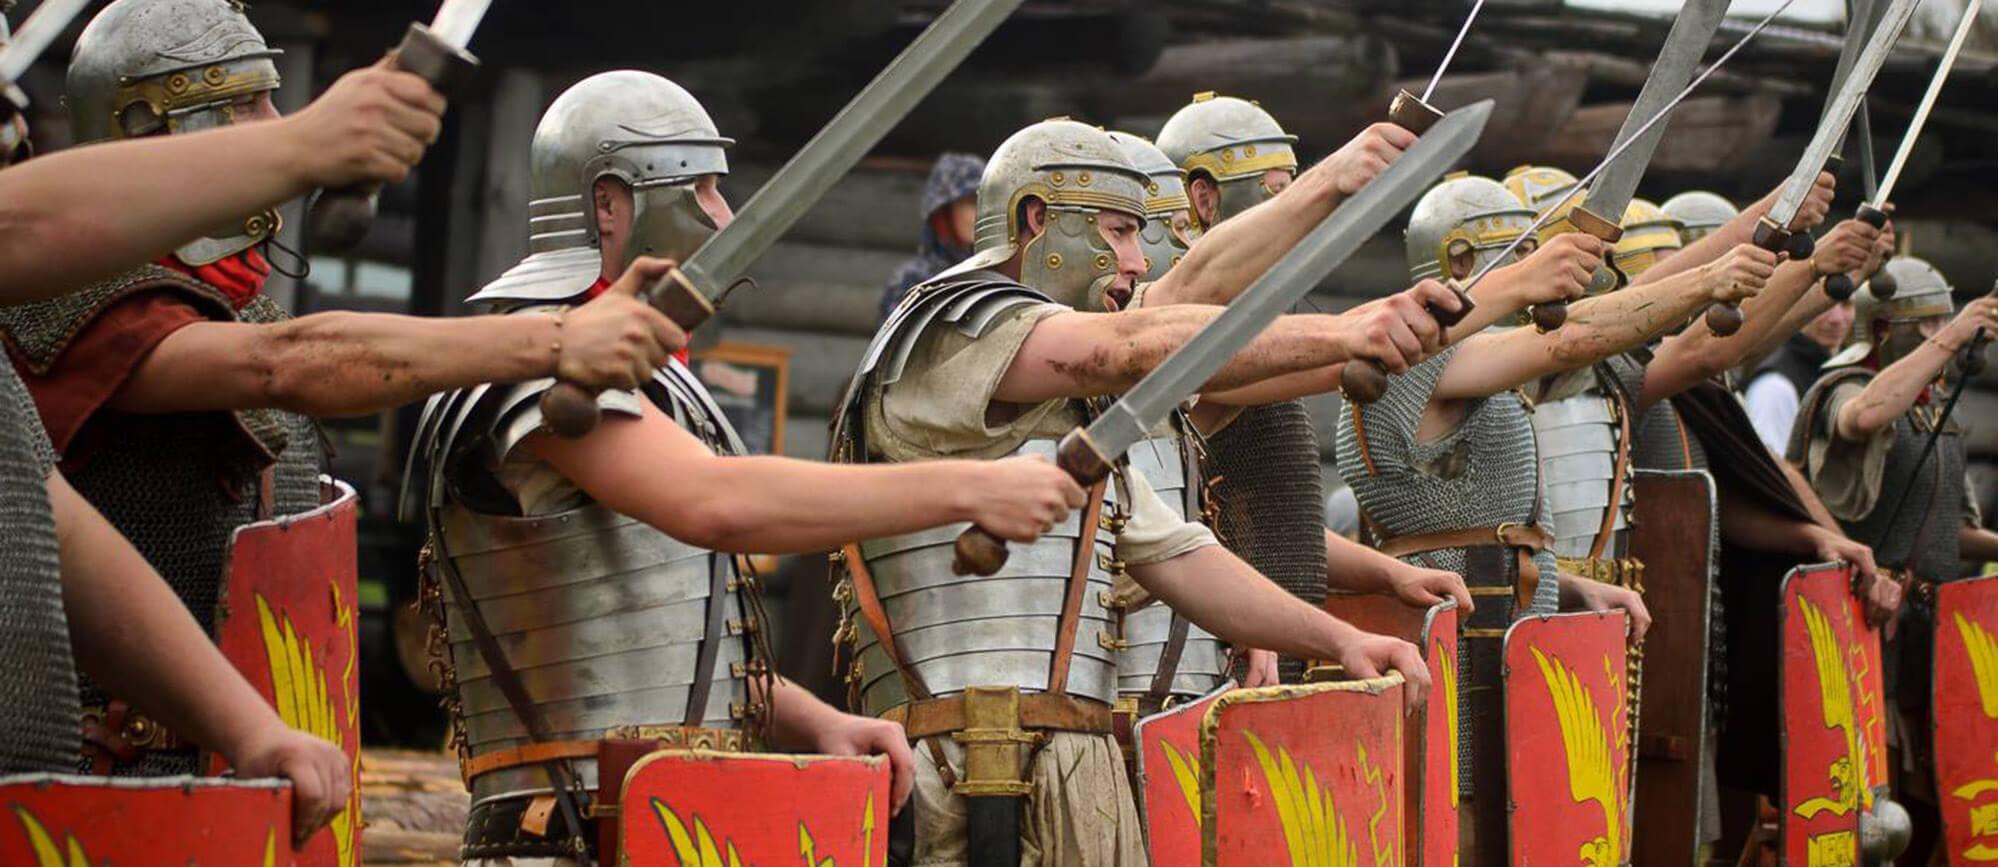 Nástup římských legionářů ze spolku Gemina, české reenactorské skupiny z Třebíče, která si bere za vzor X. legii, jež operovala na jižní Moravě